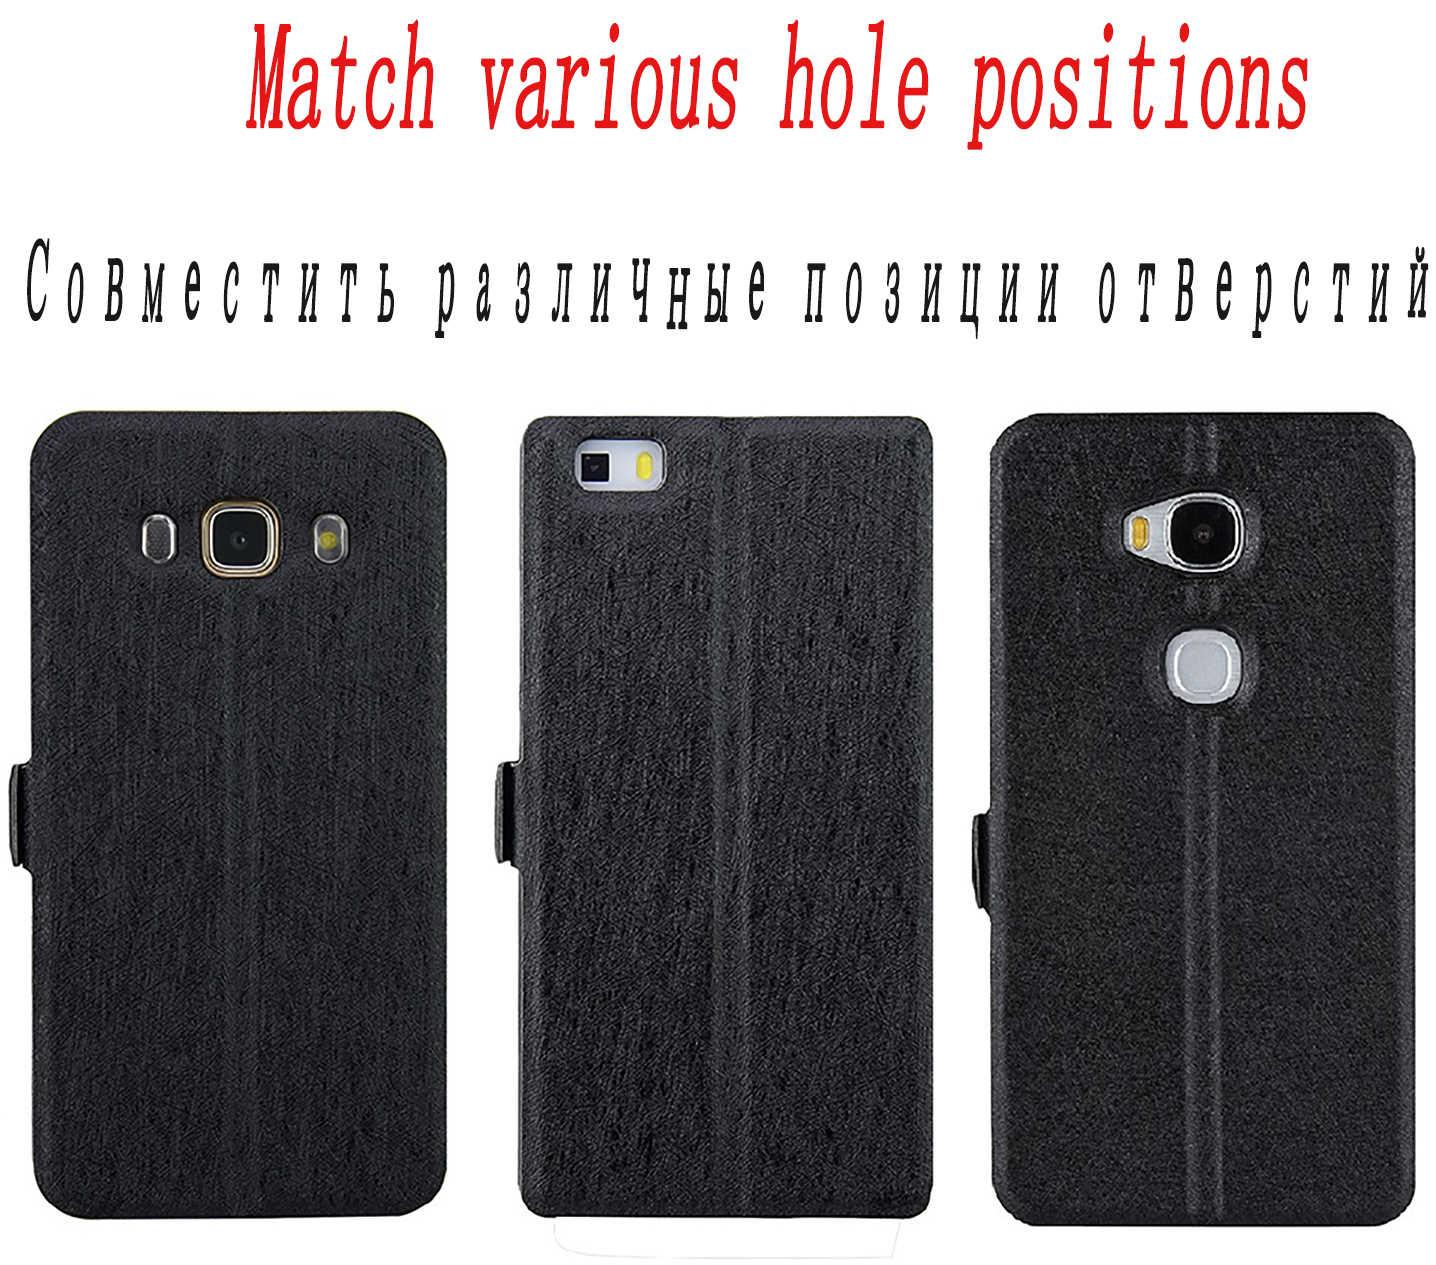 Чехлы-бумажники для Prestigio Grace V7 Muze J5 K3 LTE S Max Wize U3 V3 X Pro Q3 новый флип-чехол кожаный чехол для телефона защитный чехол